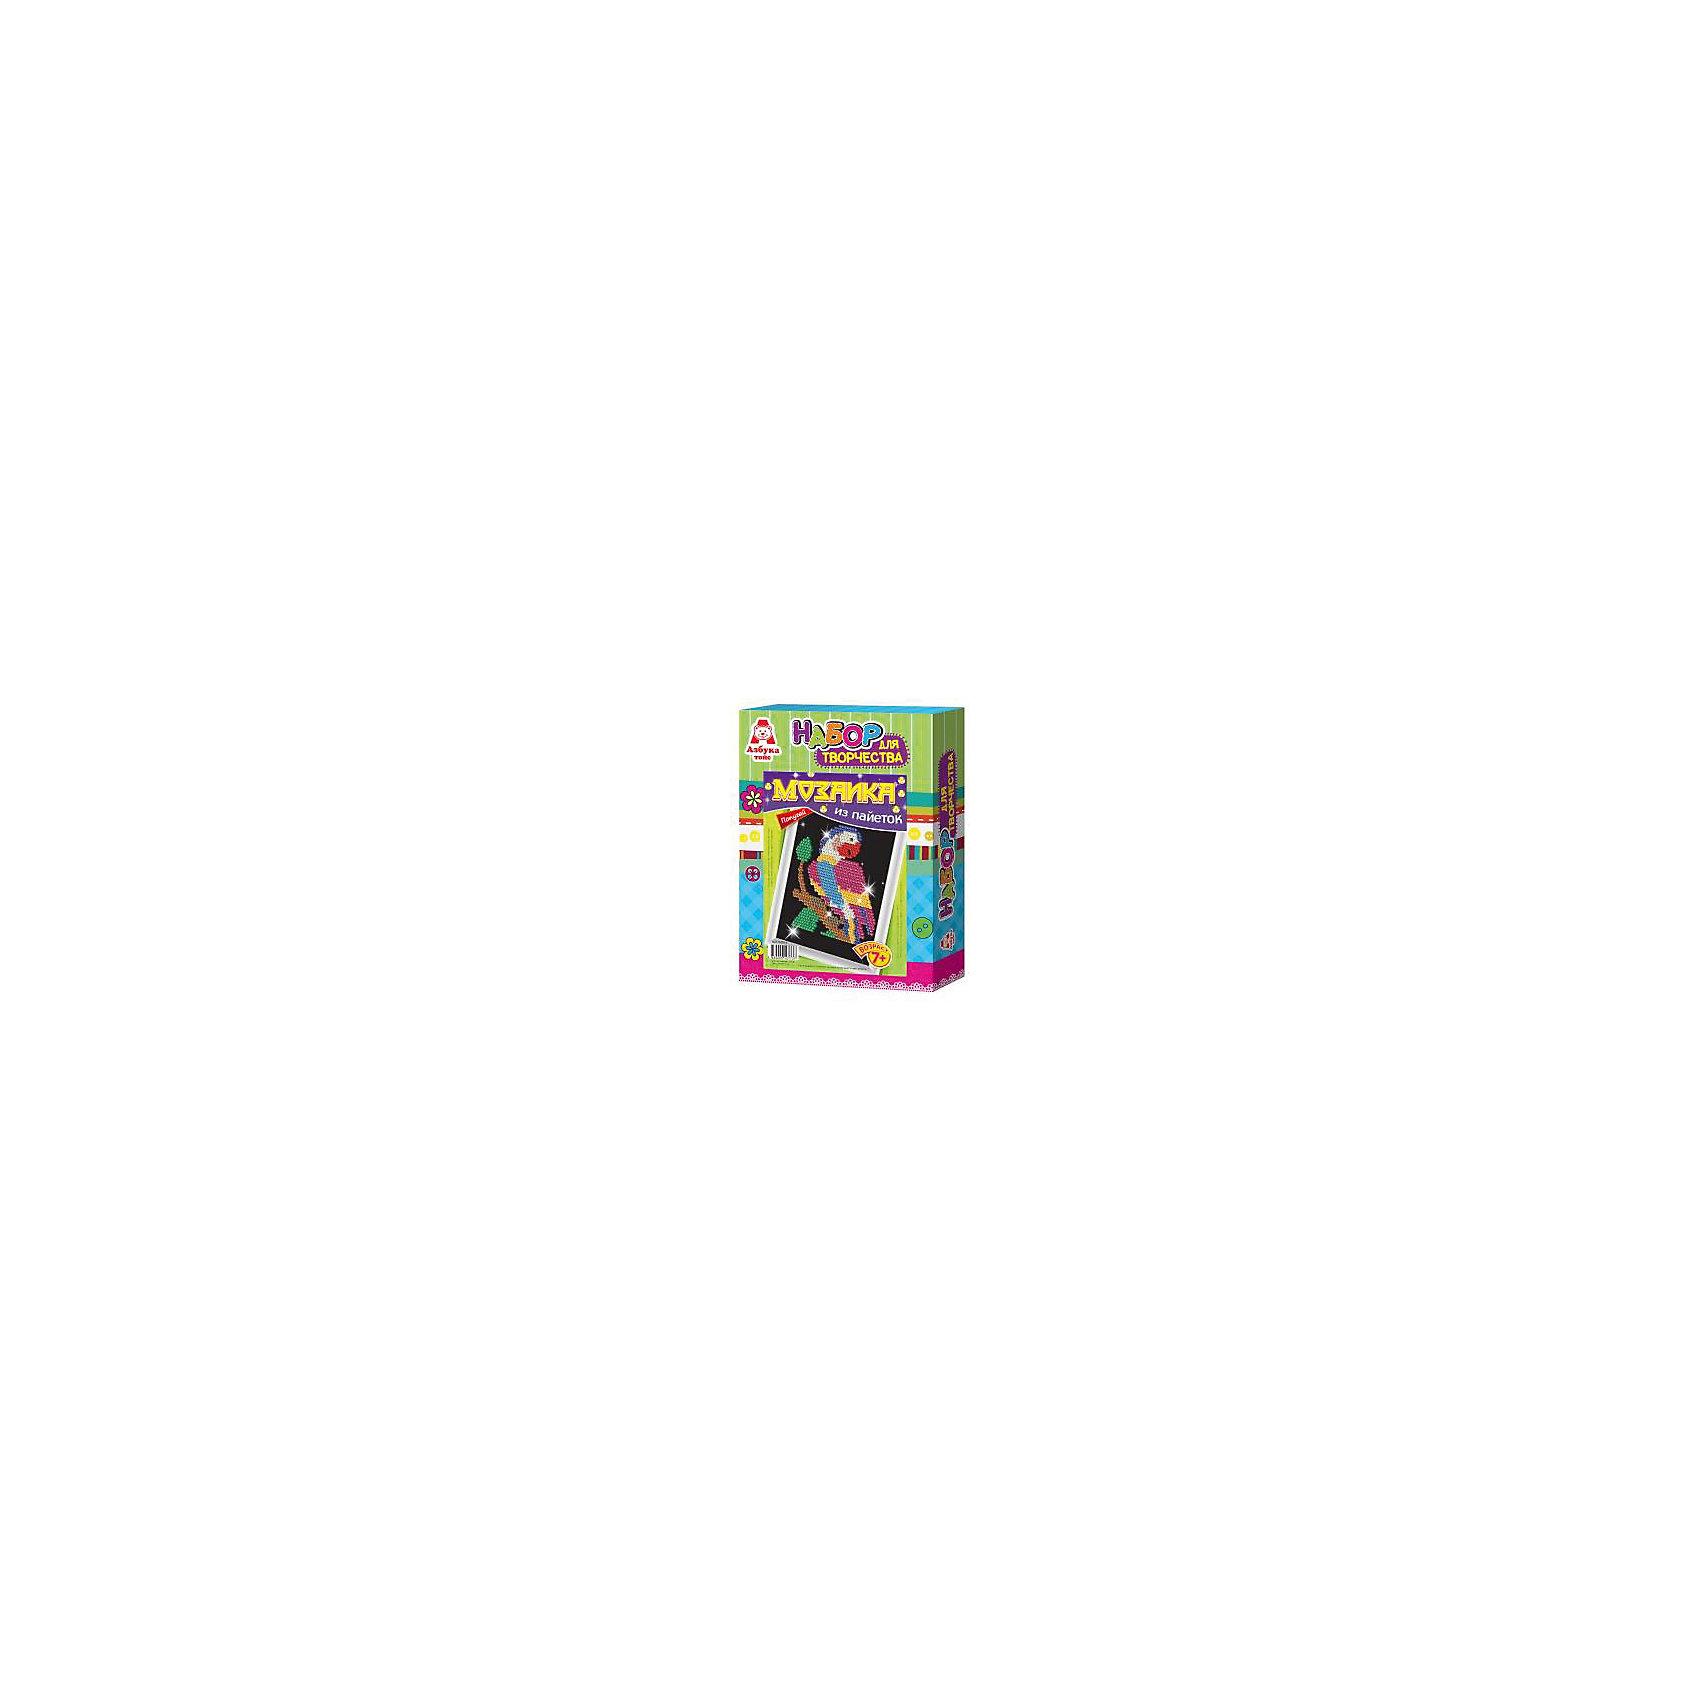 Картина из пайеток ПопугайКартина из пайеток Попугай, Азбука Тойс<br><br>Характеристики:<br><br>• готовой поделкой можно украсить комнату<br>• развивает мелкую моторику, внимательность, усидчивость и аккуратность<br>• в комплекте: основа из пенопласта, схема, сборная рамка, пайетки, гвоздики, инструкция<br>• размер упаковки: 28х5х21 см<br>• вес: 184 грамма<br><br>Создание картин из пайеток - очень увлекательный вид творчества для детей. Он поможет развить усидчивость, мелкую моторику, внимательность и аккуратность. С помощью набора Попугай ребенок сможет создать яркую картину своими руками. Для это нужно приколоть пайетки к основе с помощью специальных гвоздиков. Готовую работу можно поместить в рамочку, входящую в комплект и украсить ею свою комнату.<br><br>Вы можете купить картину из пайеток Попугай, Азбука Тойс в нашем интернет-магазине.<br><br>Ширина мм: 210<br>Глубина мм: 50<br>Высота мм: 280<br>Вес г: 184<br>Возраст от месяцев: 84<br>Возраст до месяцев: 144<br>Пол: Женский<br>Возраст: Детский<br>SKU: 5062973